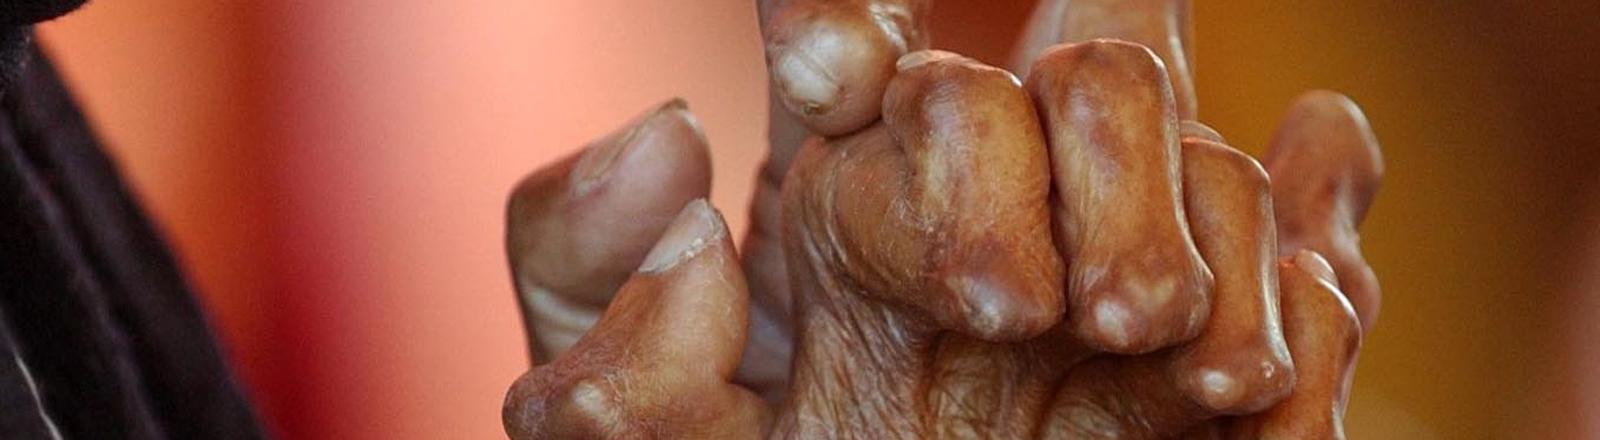 Von Lepra gezeichnete Hände